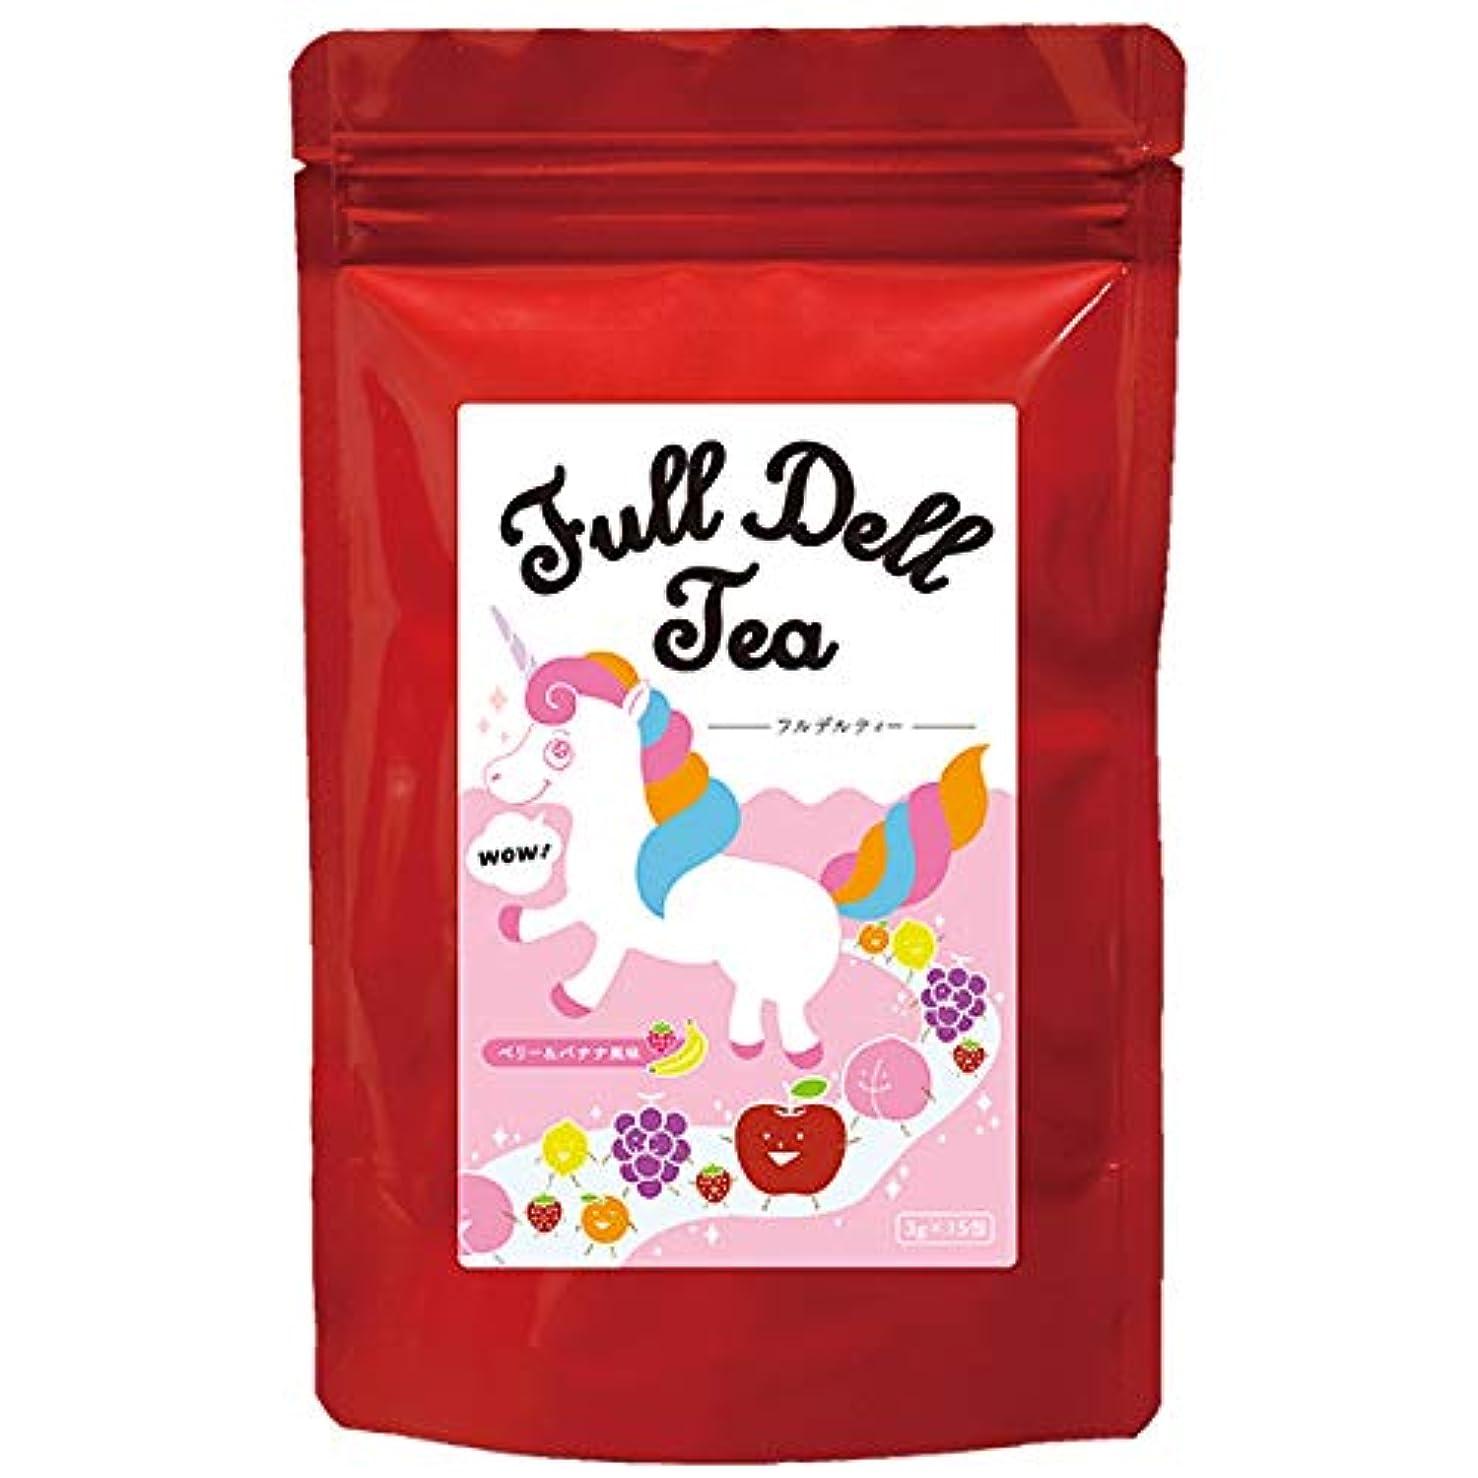 達成可能ハロウィンスペイン語美容健康茶 フルデルティー 1袋3.0g×15包入 ダイエット サポートティー 紅茶 デトックス サロン